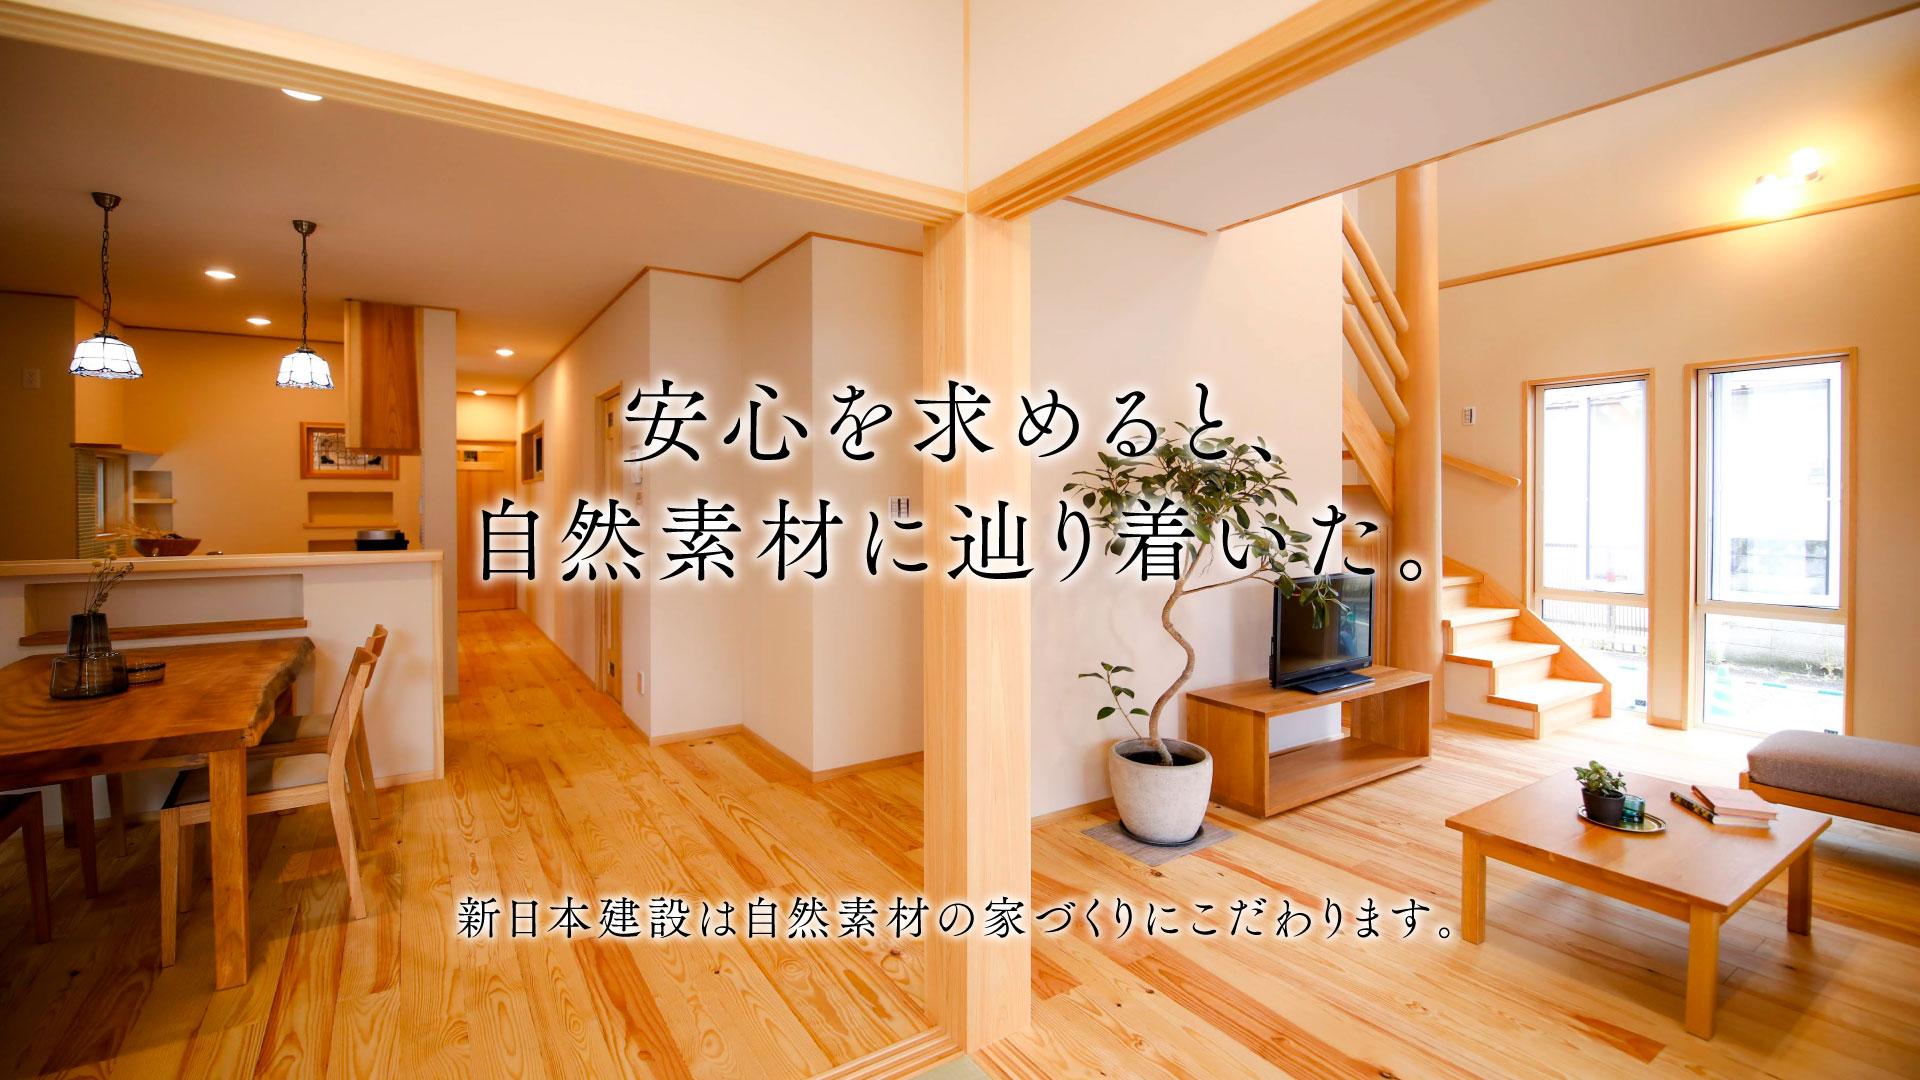 安心を求めると自然素材に辿り着いた。新日本建設は自然素材の家づくりにこだわります